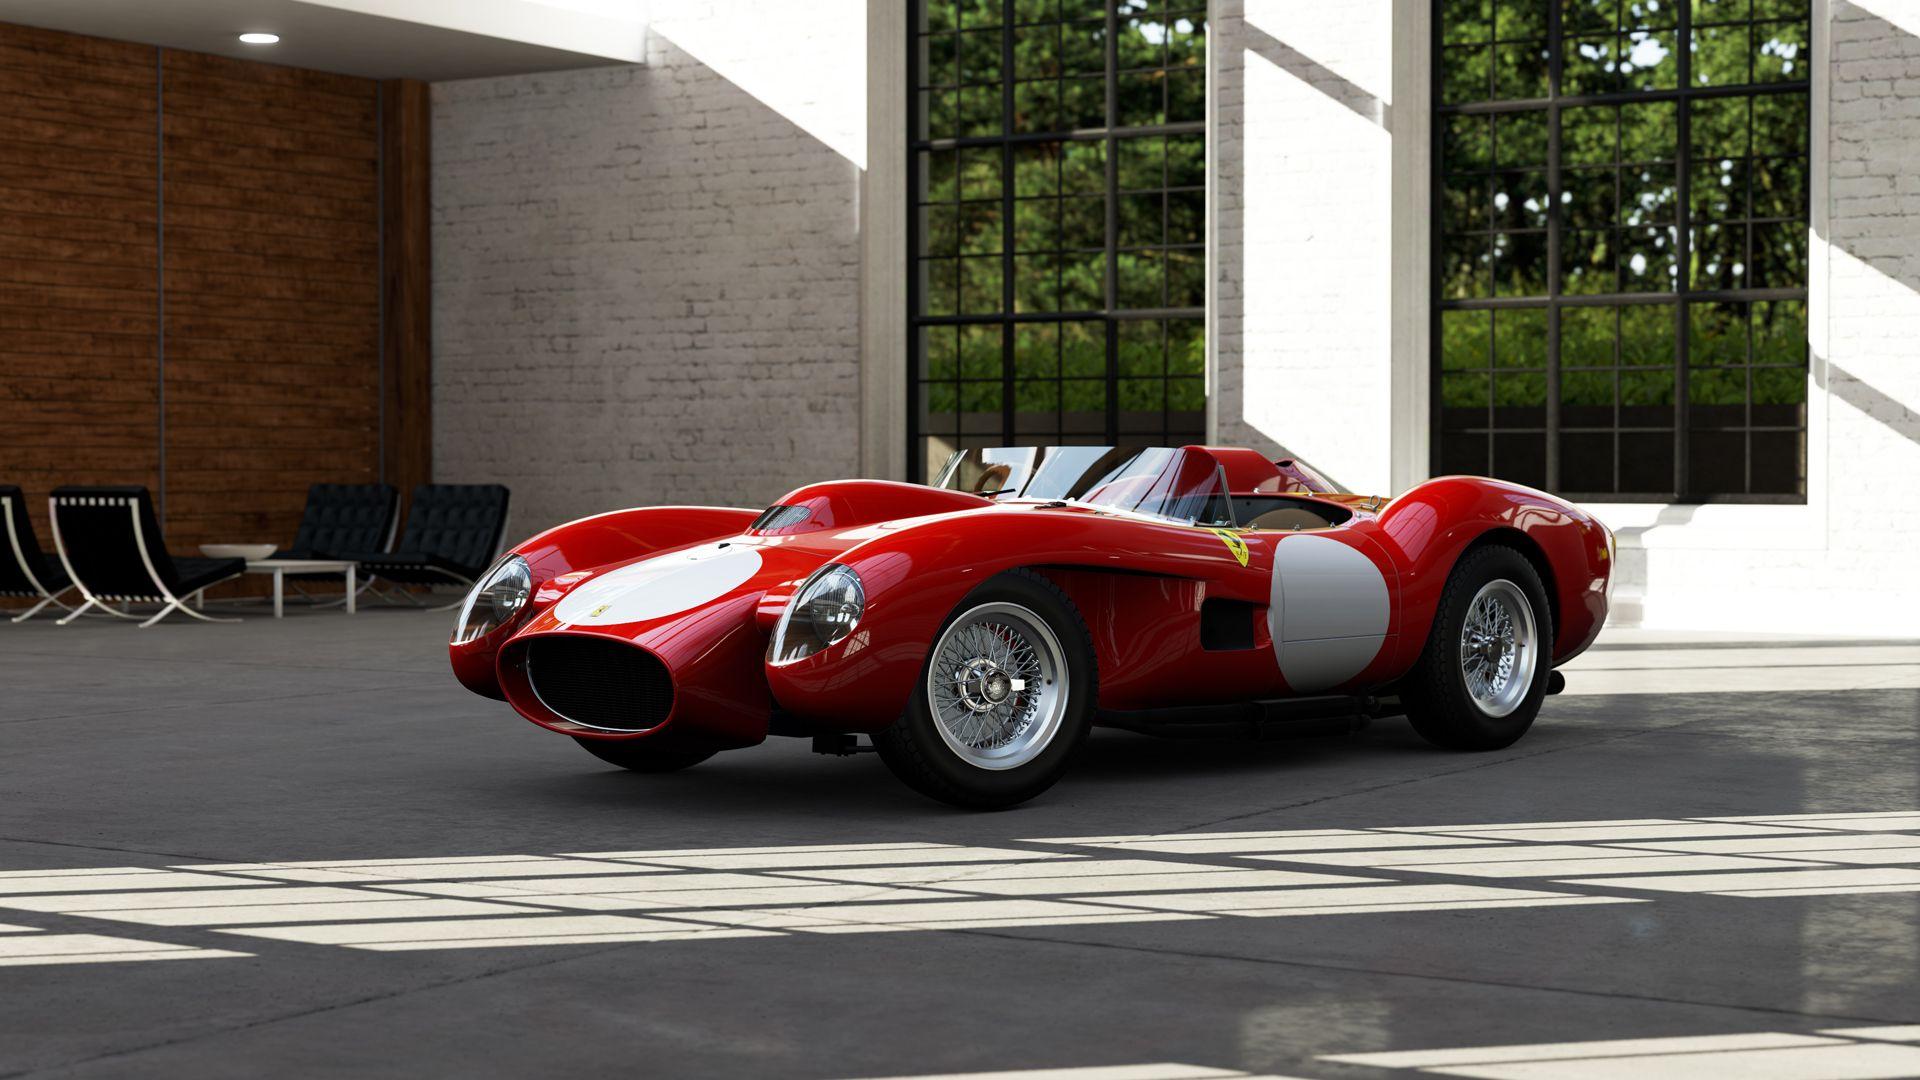 Ferrari 250 Tr Testa Rossa De 1957 290 Cv Ferrari Ferrari Testarossa Expensive Cars